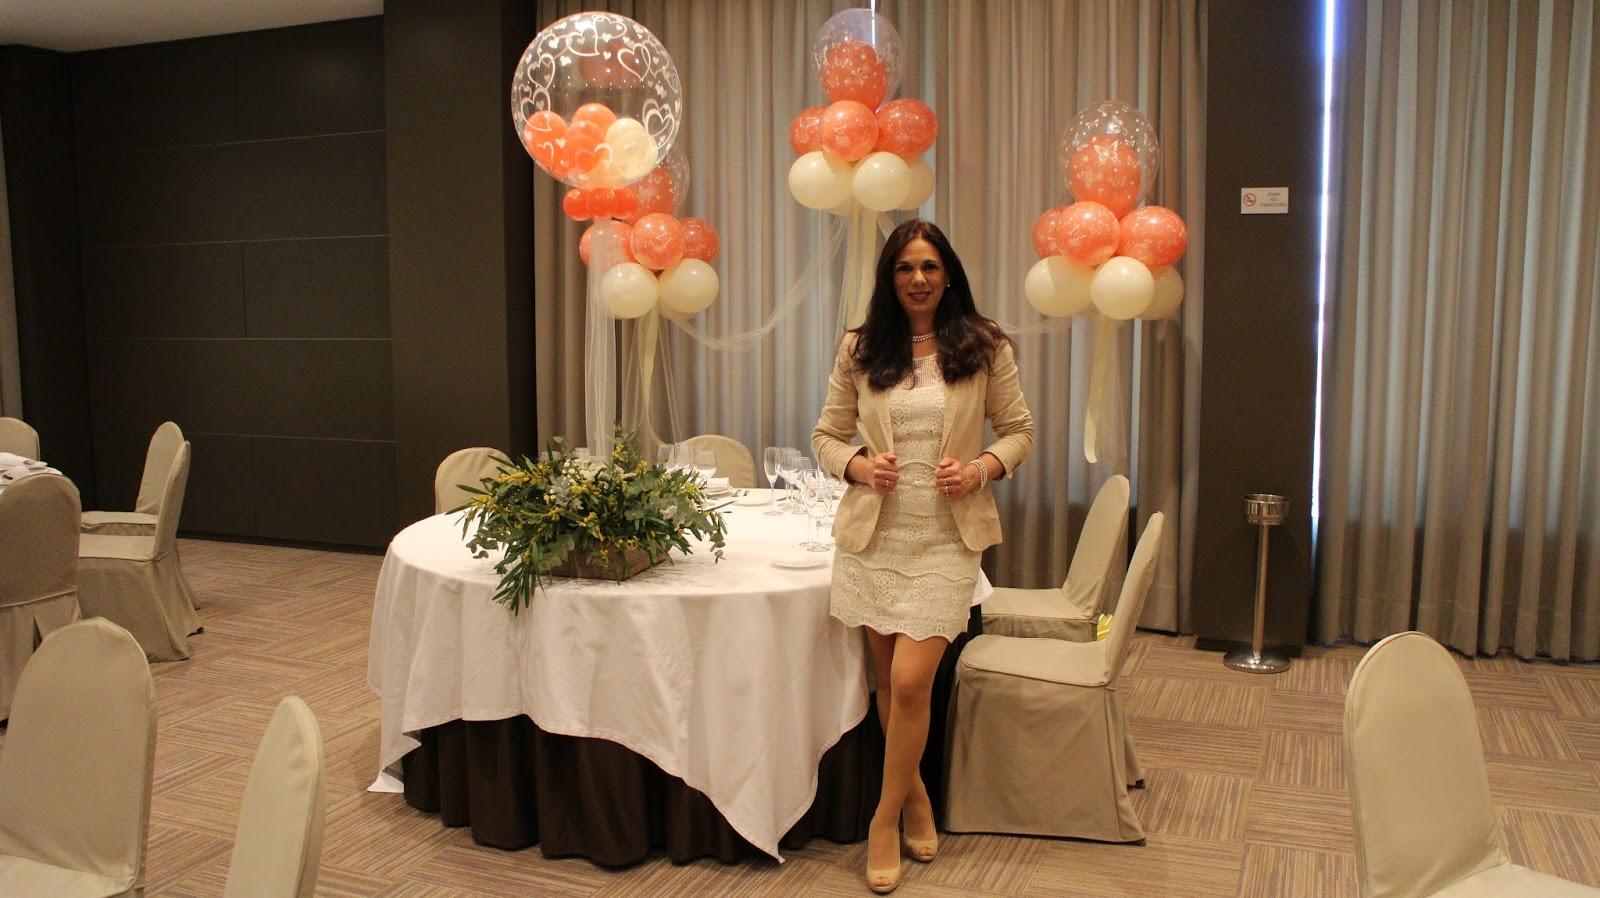 Decoraci n con globos para eventos y fiestas superglobos ideas para decorar quienes somos - Decoracion de globos para bodas ...